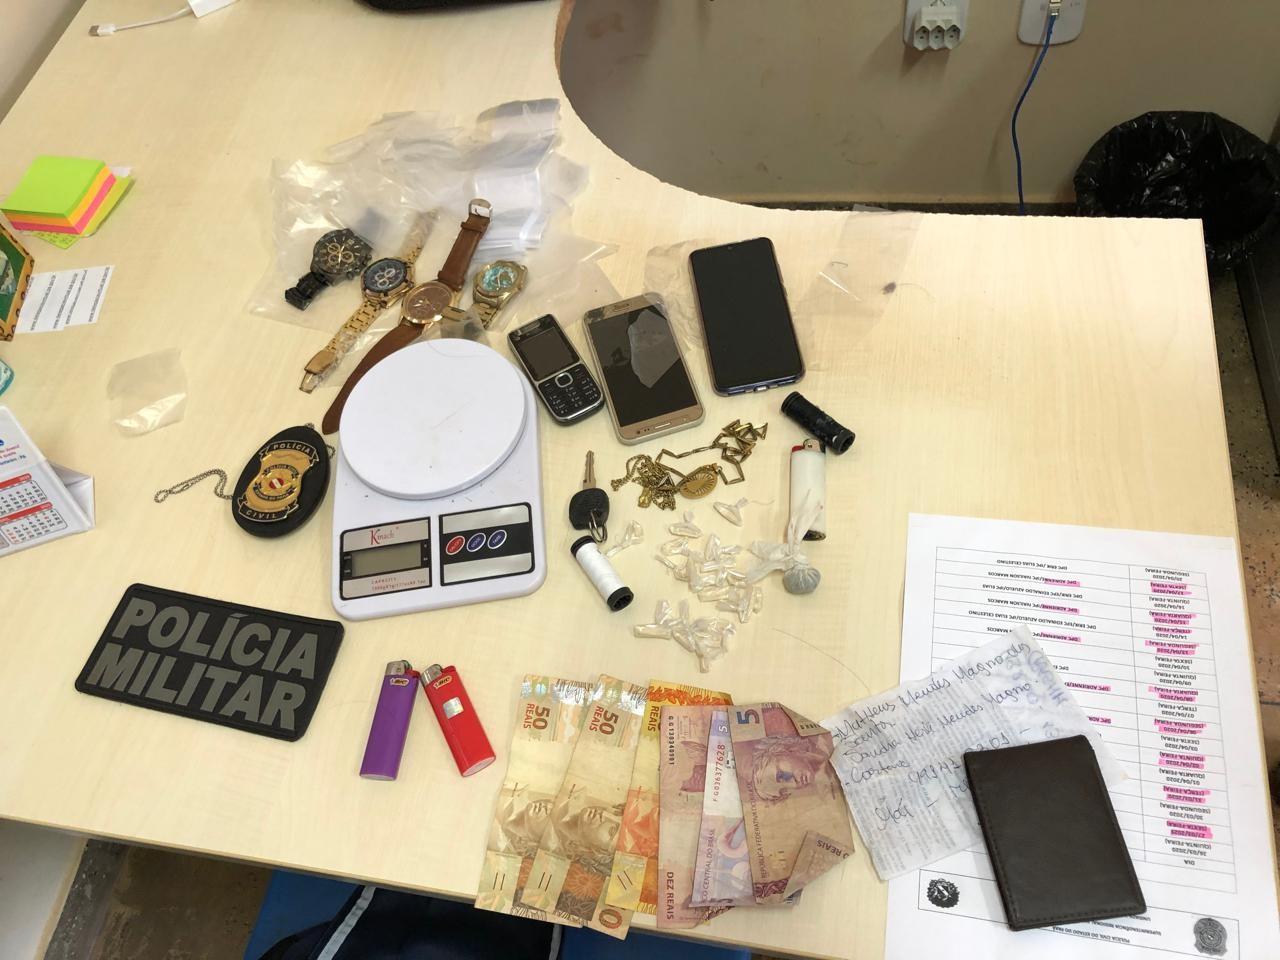 Homem é preso por tráfico após polícia encontrar mochila com cocaína e maconha